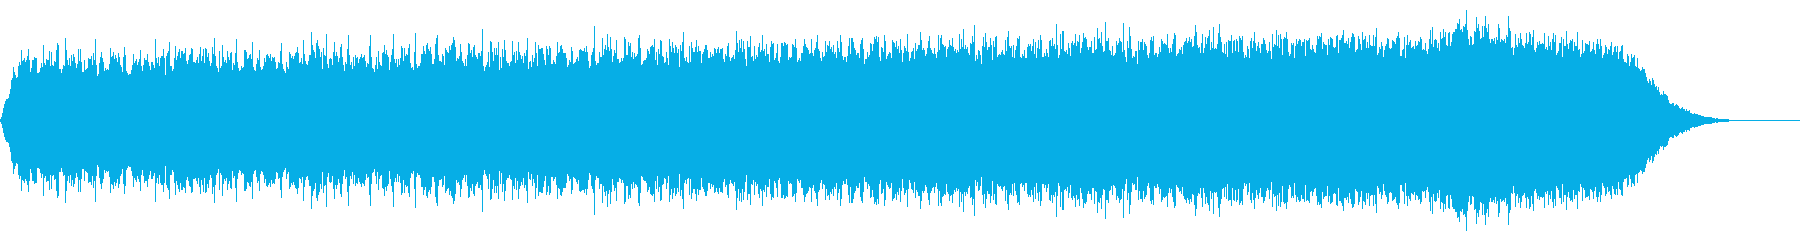 背景音(スリル)の再生済みの波形